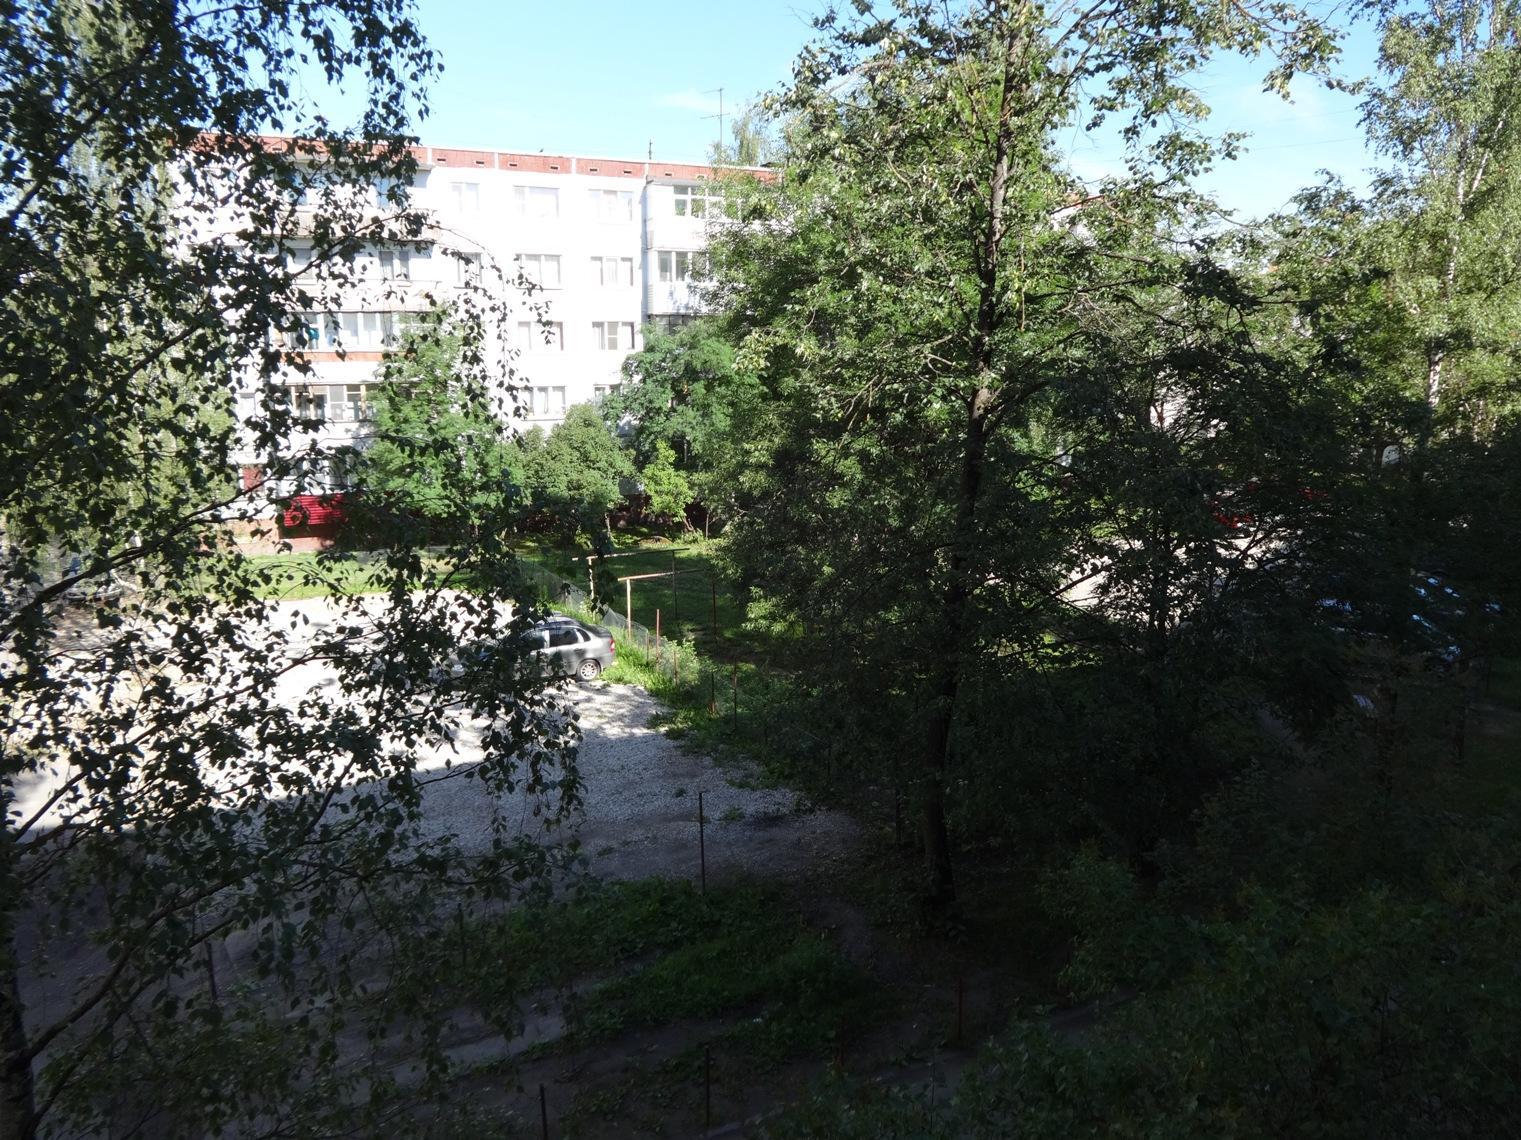 2/3 доли в двухкомнатной квартире - ул. Красноармейская, д. 22Б